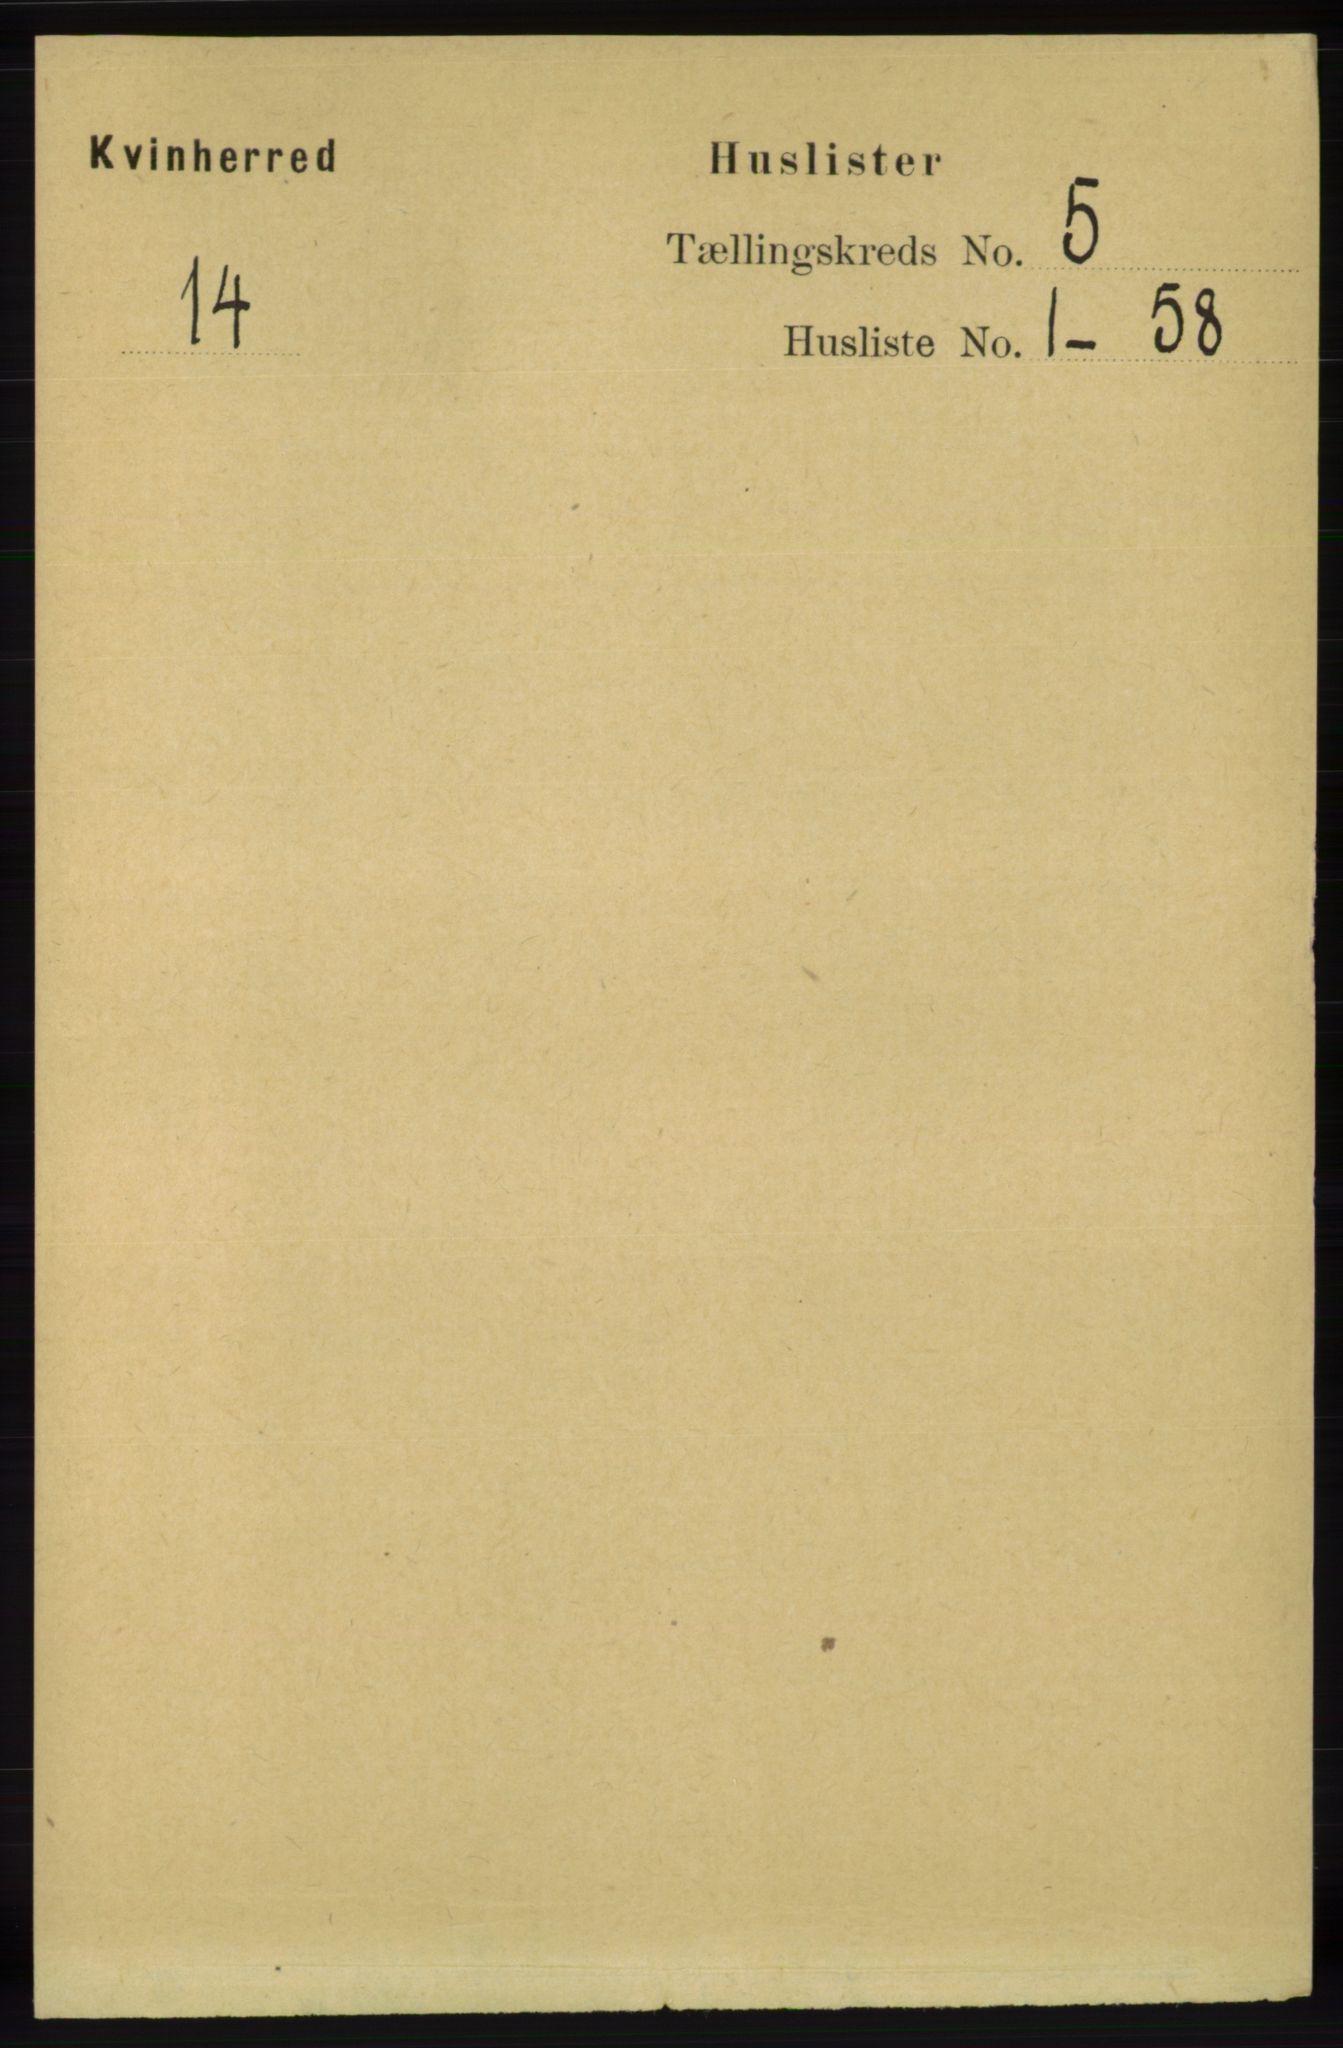 RA, Folketelling 1891 for 1224 Kvinnherad herred, 1891, s. 1681